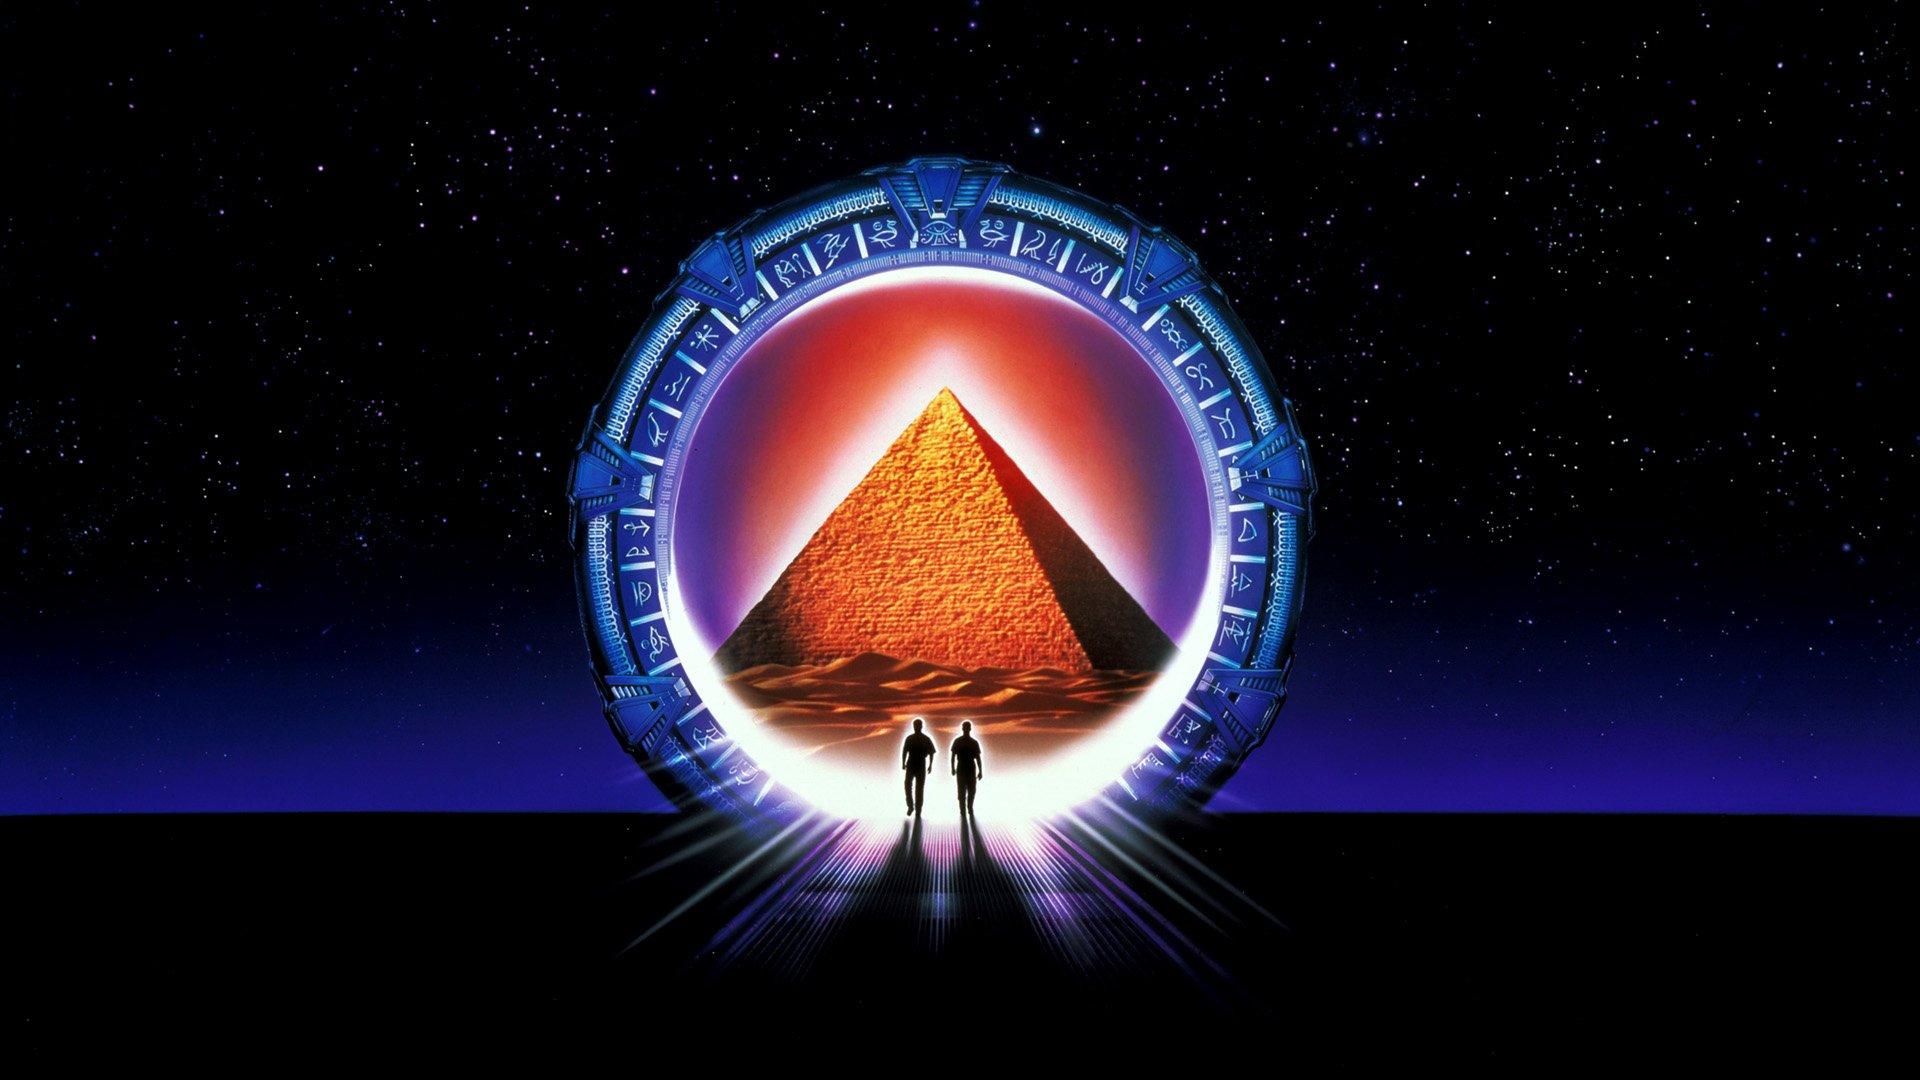 Stargate – Le film de 1994 en accès libre sur Youtube